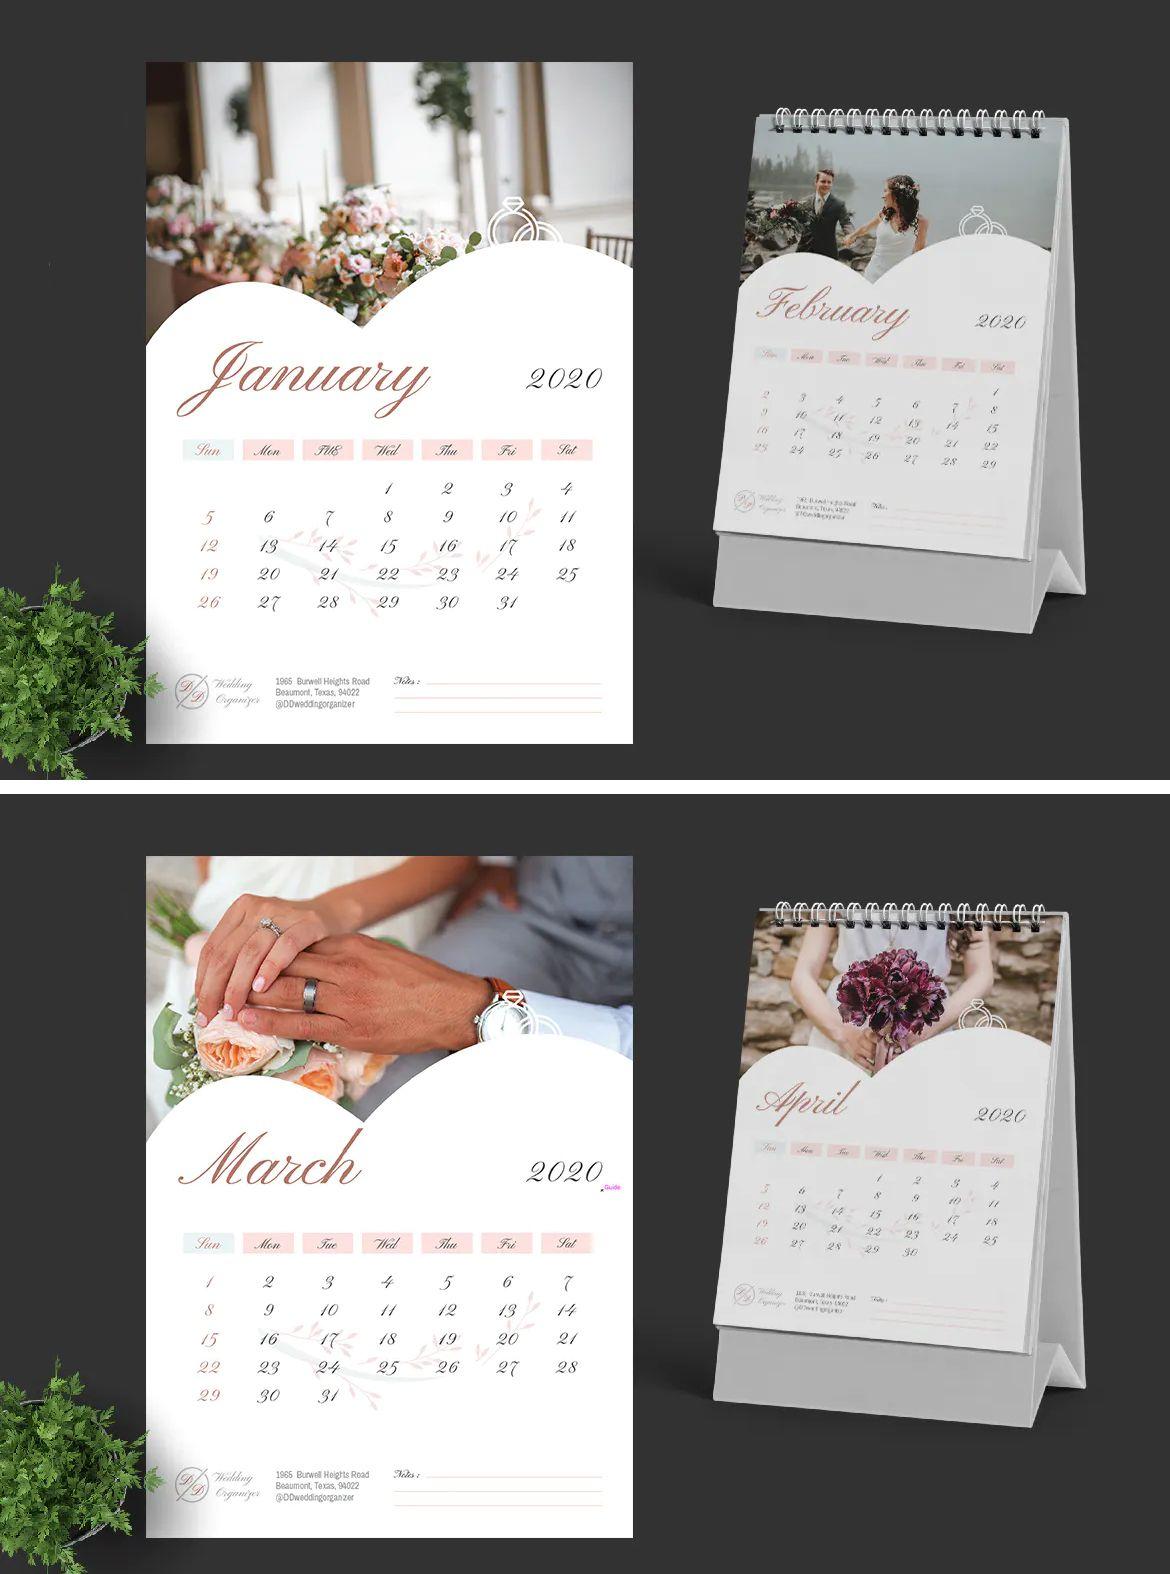 2020 Wedding Calendar Template Vector Eps Ai Download Wedding Calendar Calendar Template Templates